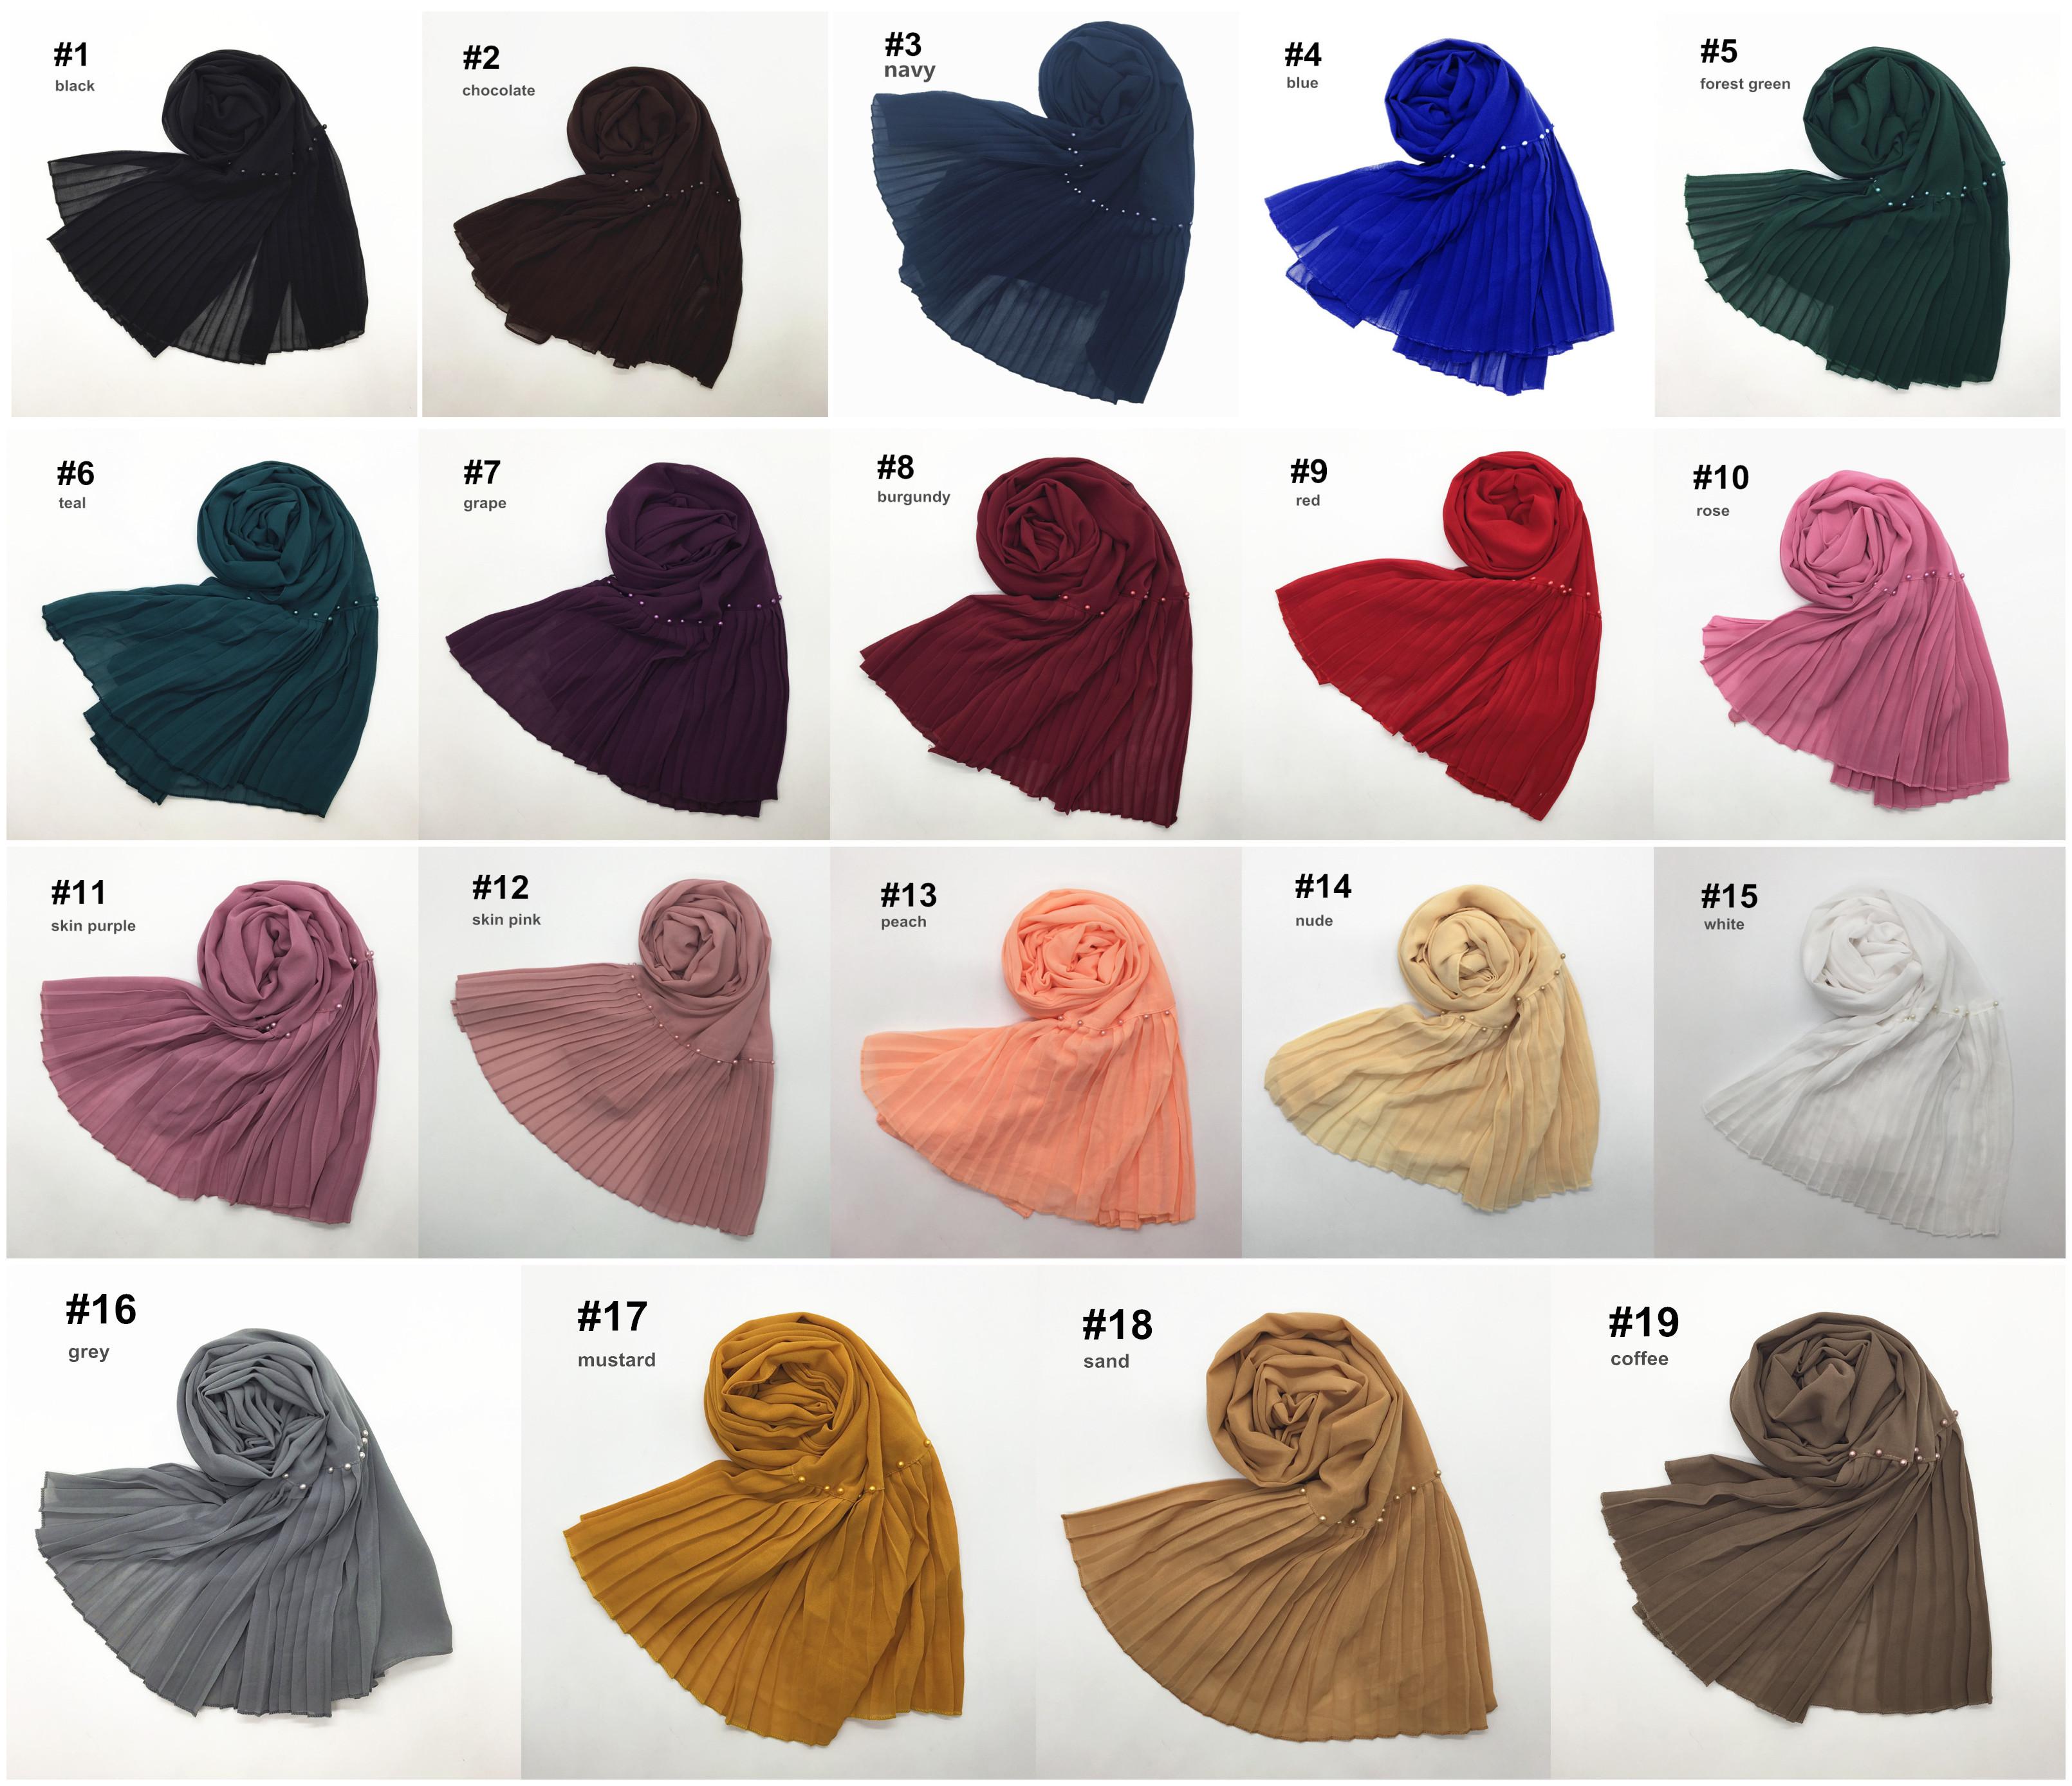 2020 müslüman arap boncuk başörtüsü başörtüsü kaliteli pilili şifon eşarp şal düz kırışıklık inci başörtüsü eşarp